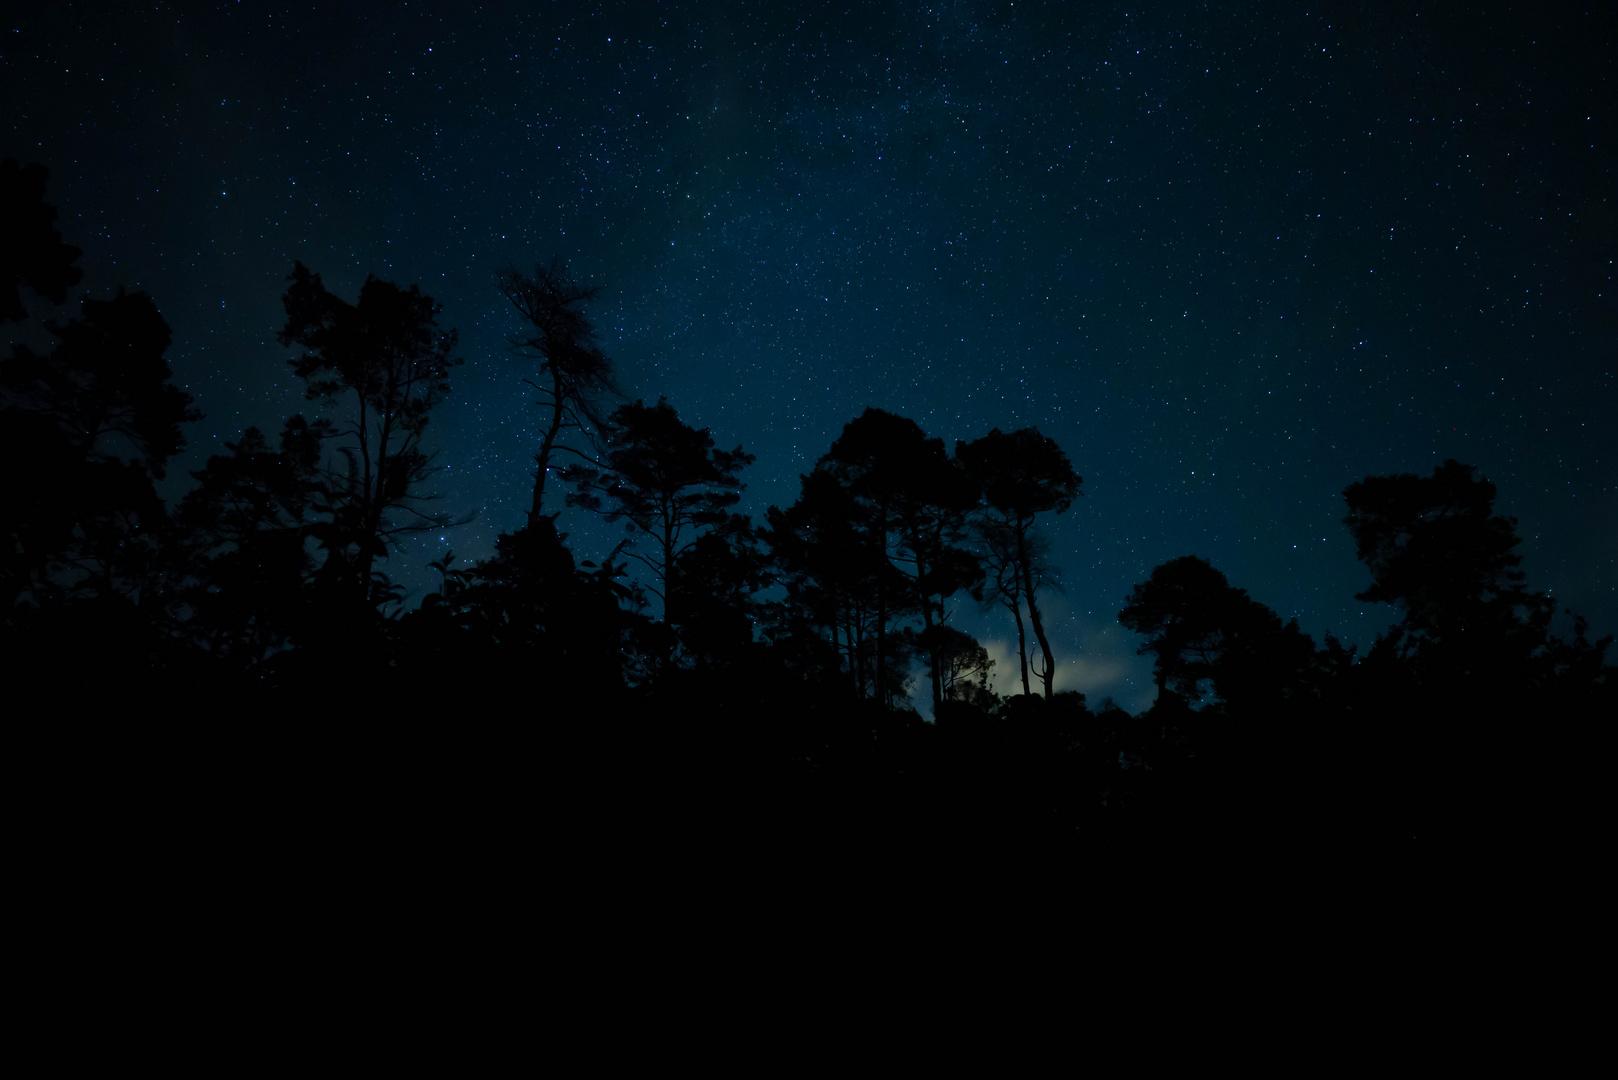 Nacht mit Sternen